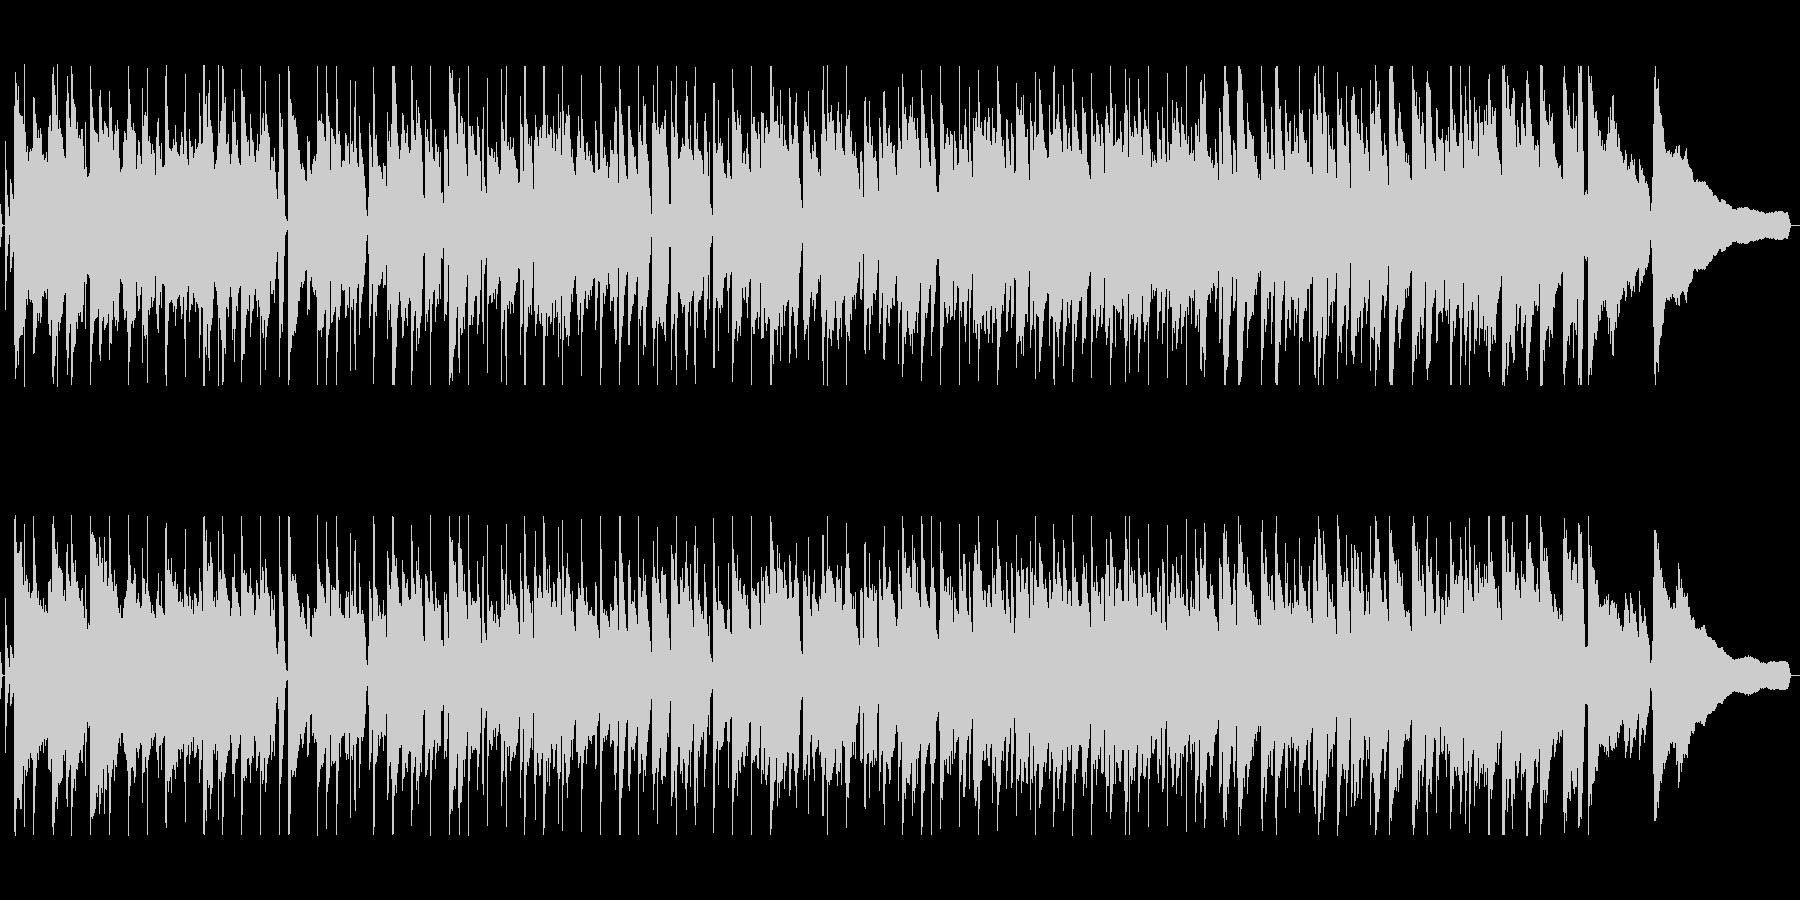 明るい前向きなピアノジャズの未再生の波形